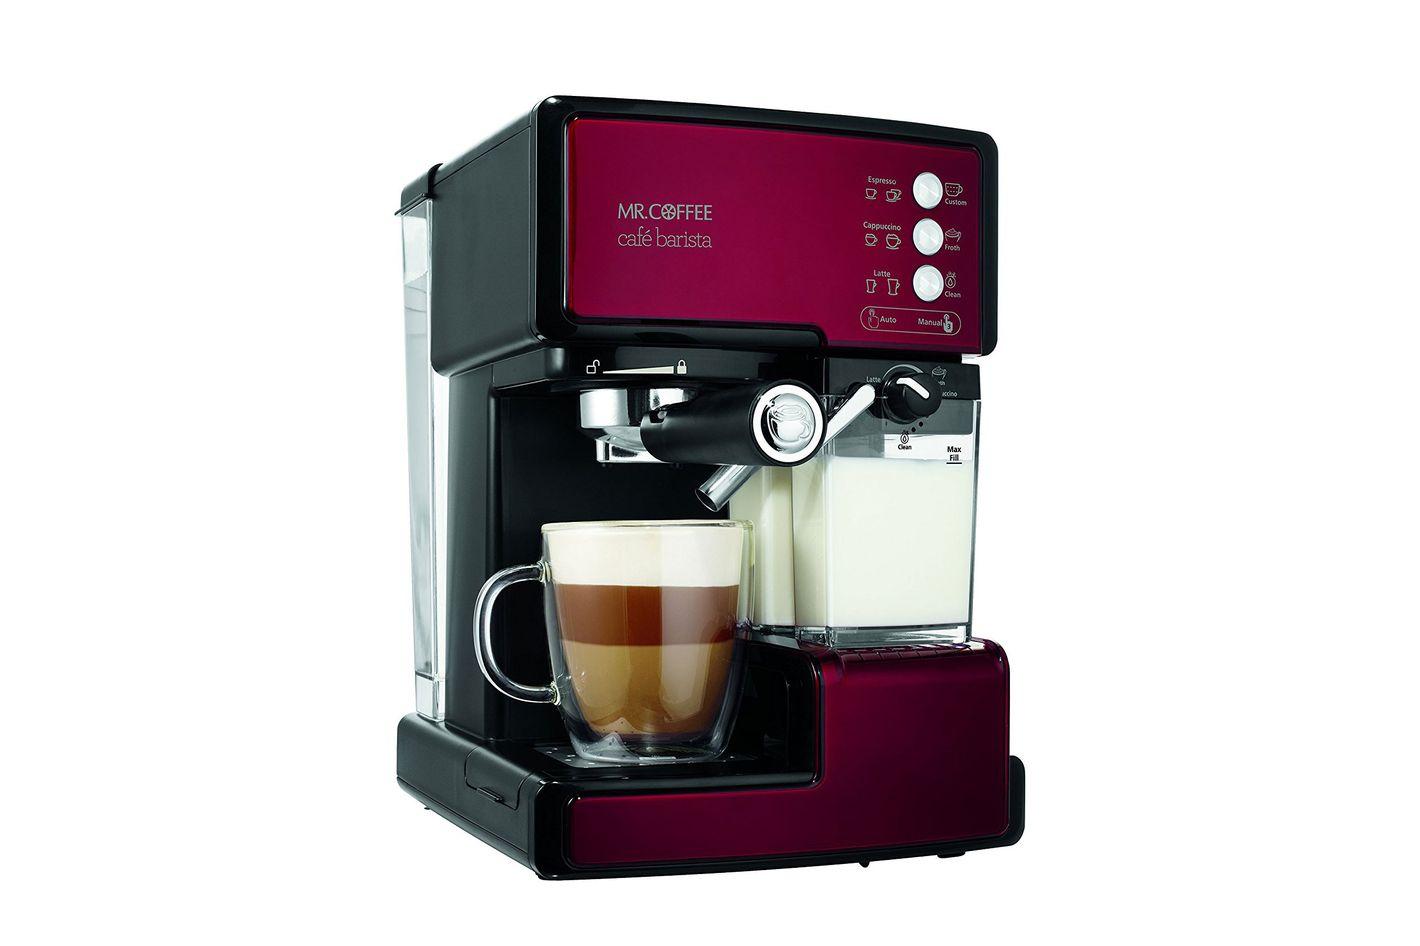 Mr. Coffee Cafe Barista Premium Espresso/Cappuccino System